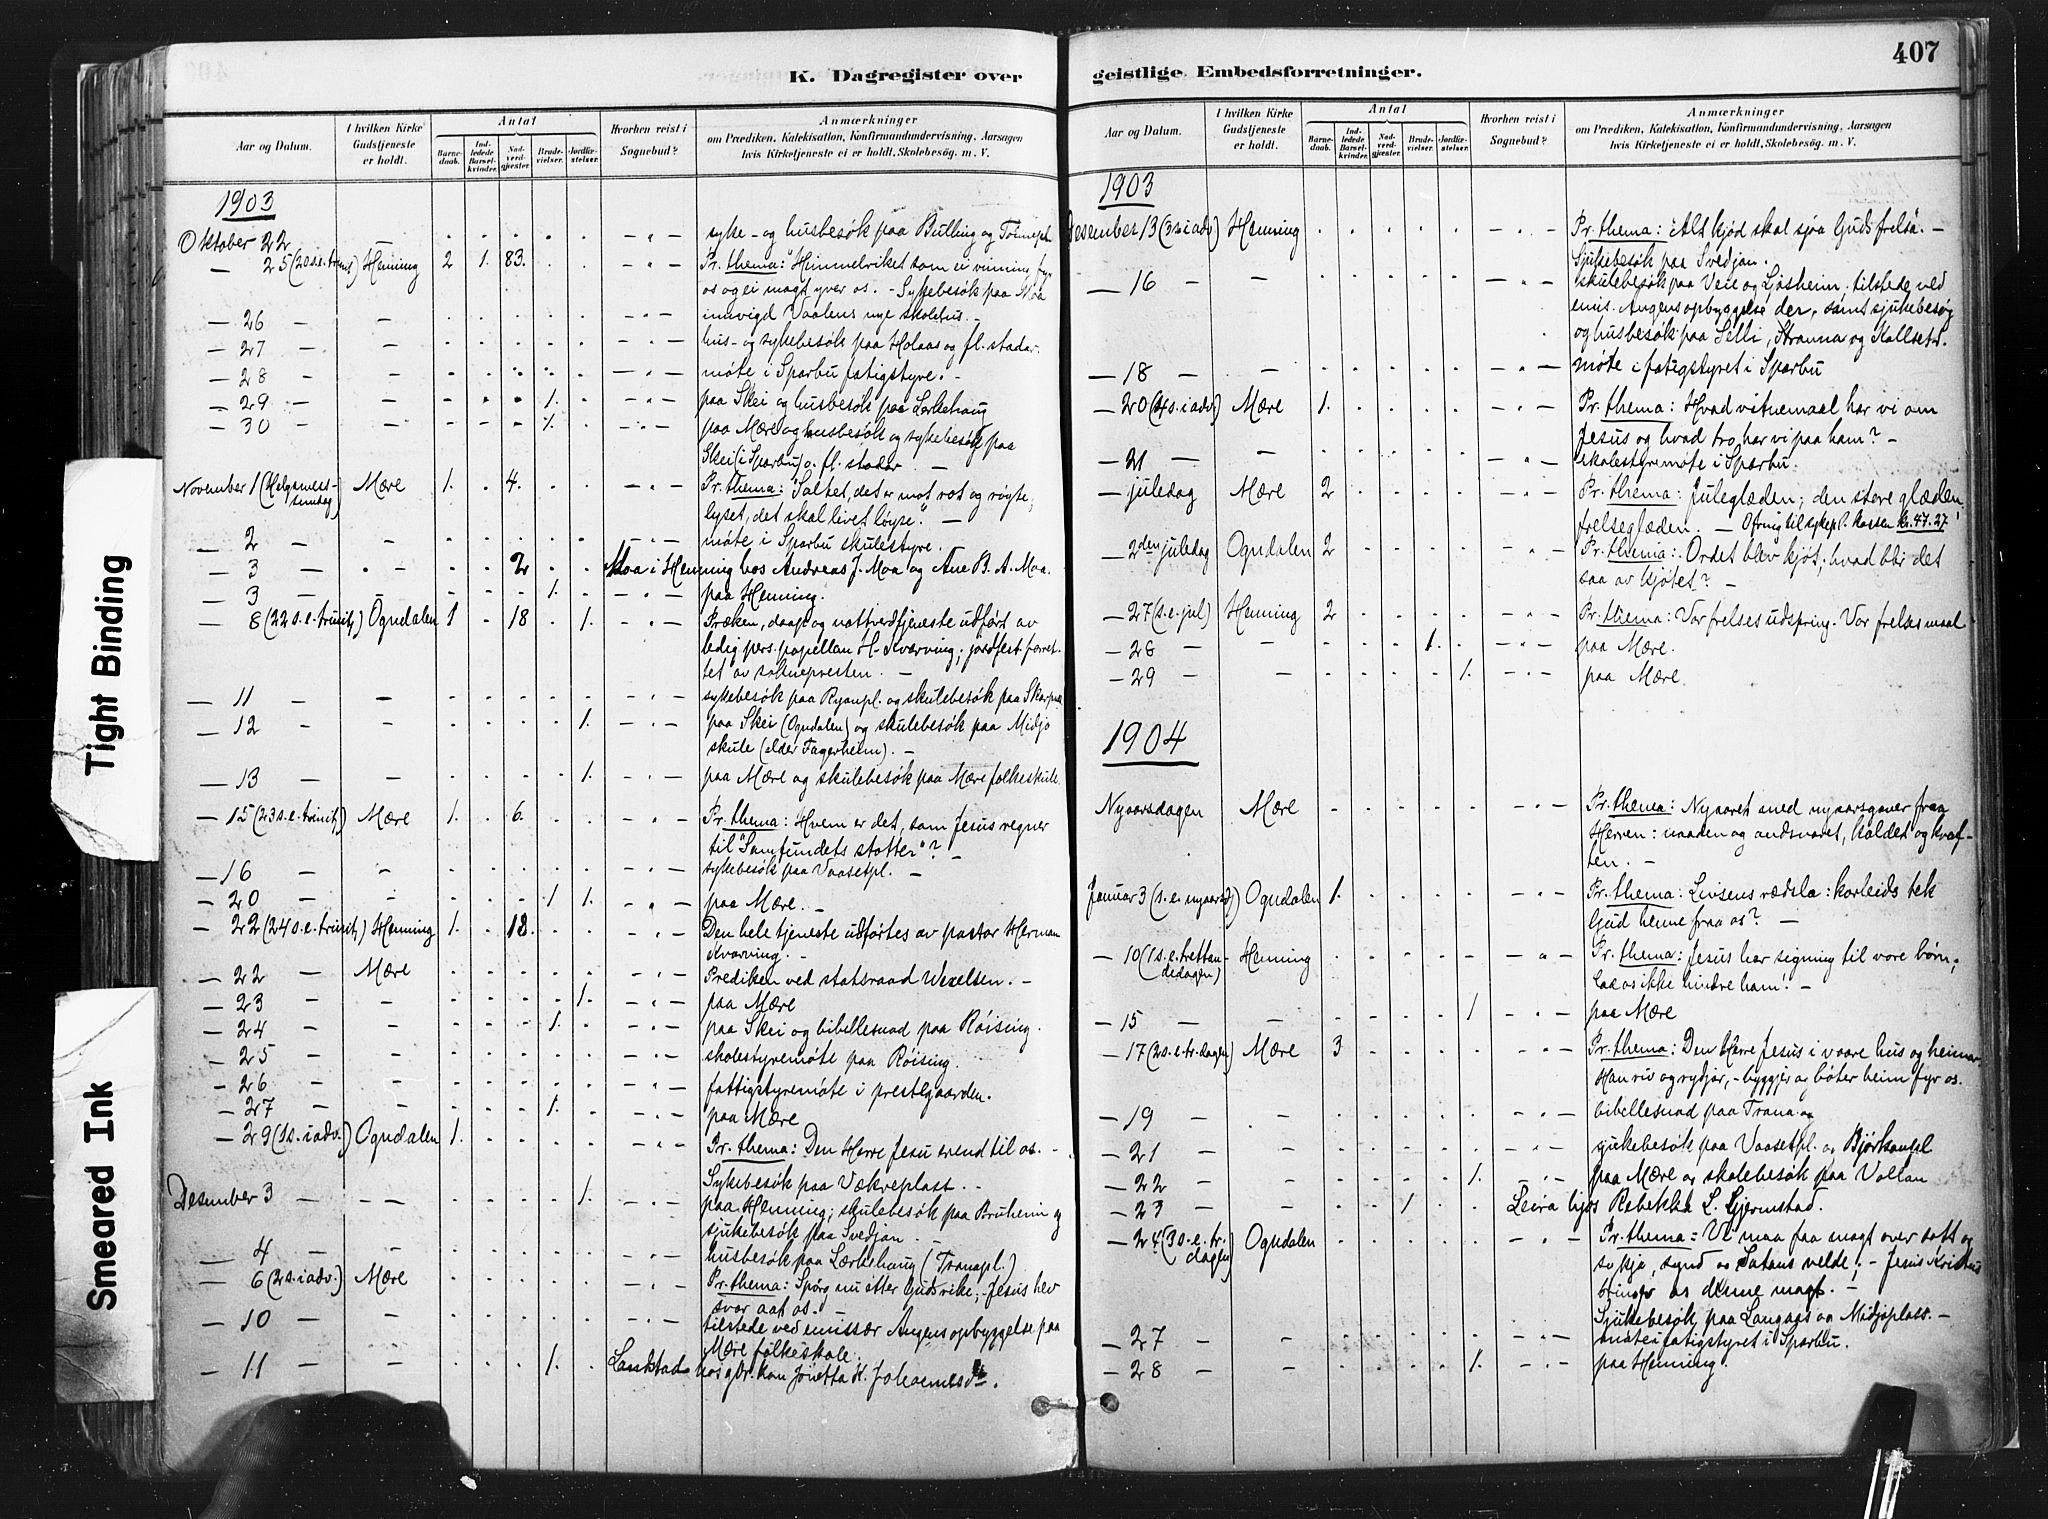 SAT, Ministerialprotokoller, klokkerbøker og fødselsregistre - Nord-Trøndelag, 735/L0351: Ministerialbok nr. 735A10, 1884-1908, s. 407